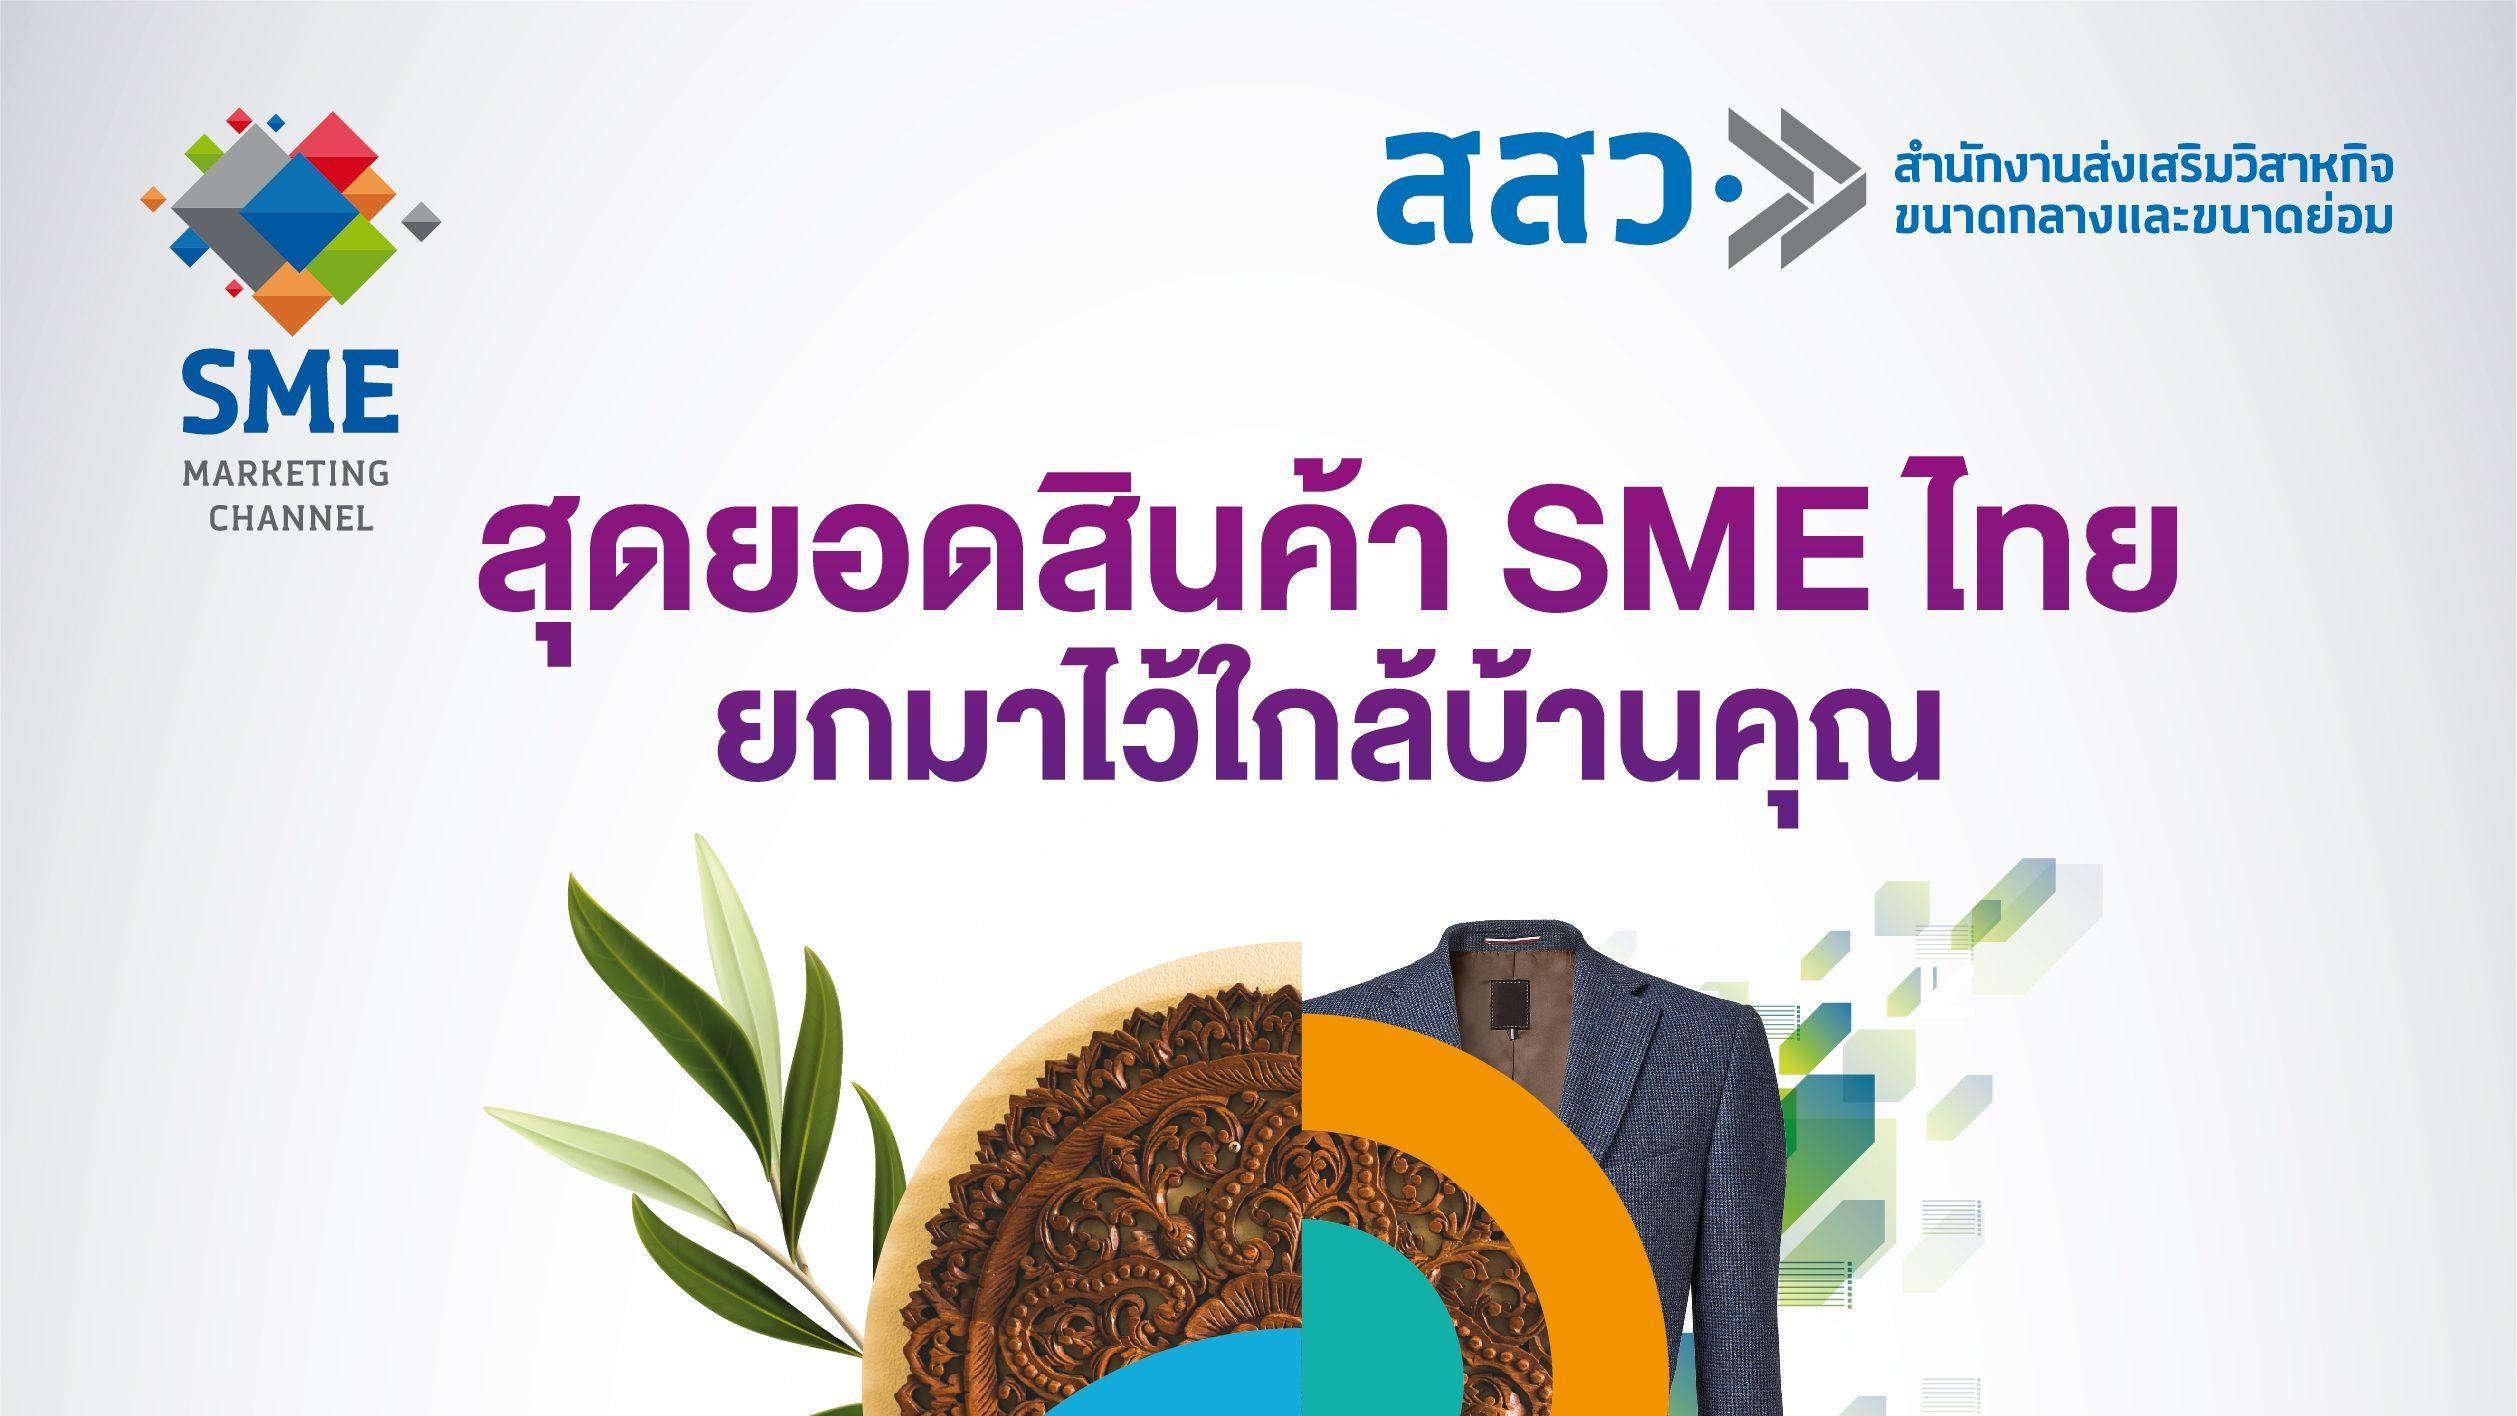 SME ONE FEST 2019 สำนักงานส่งเสริมวิสาหกิจขนาดกลางและขนาดย่อม